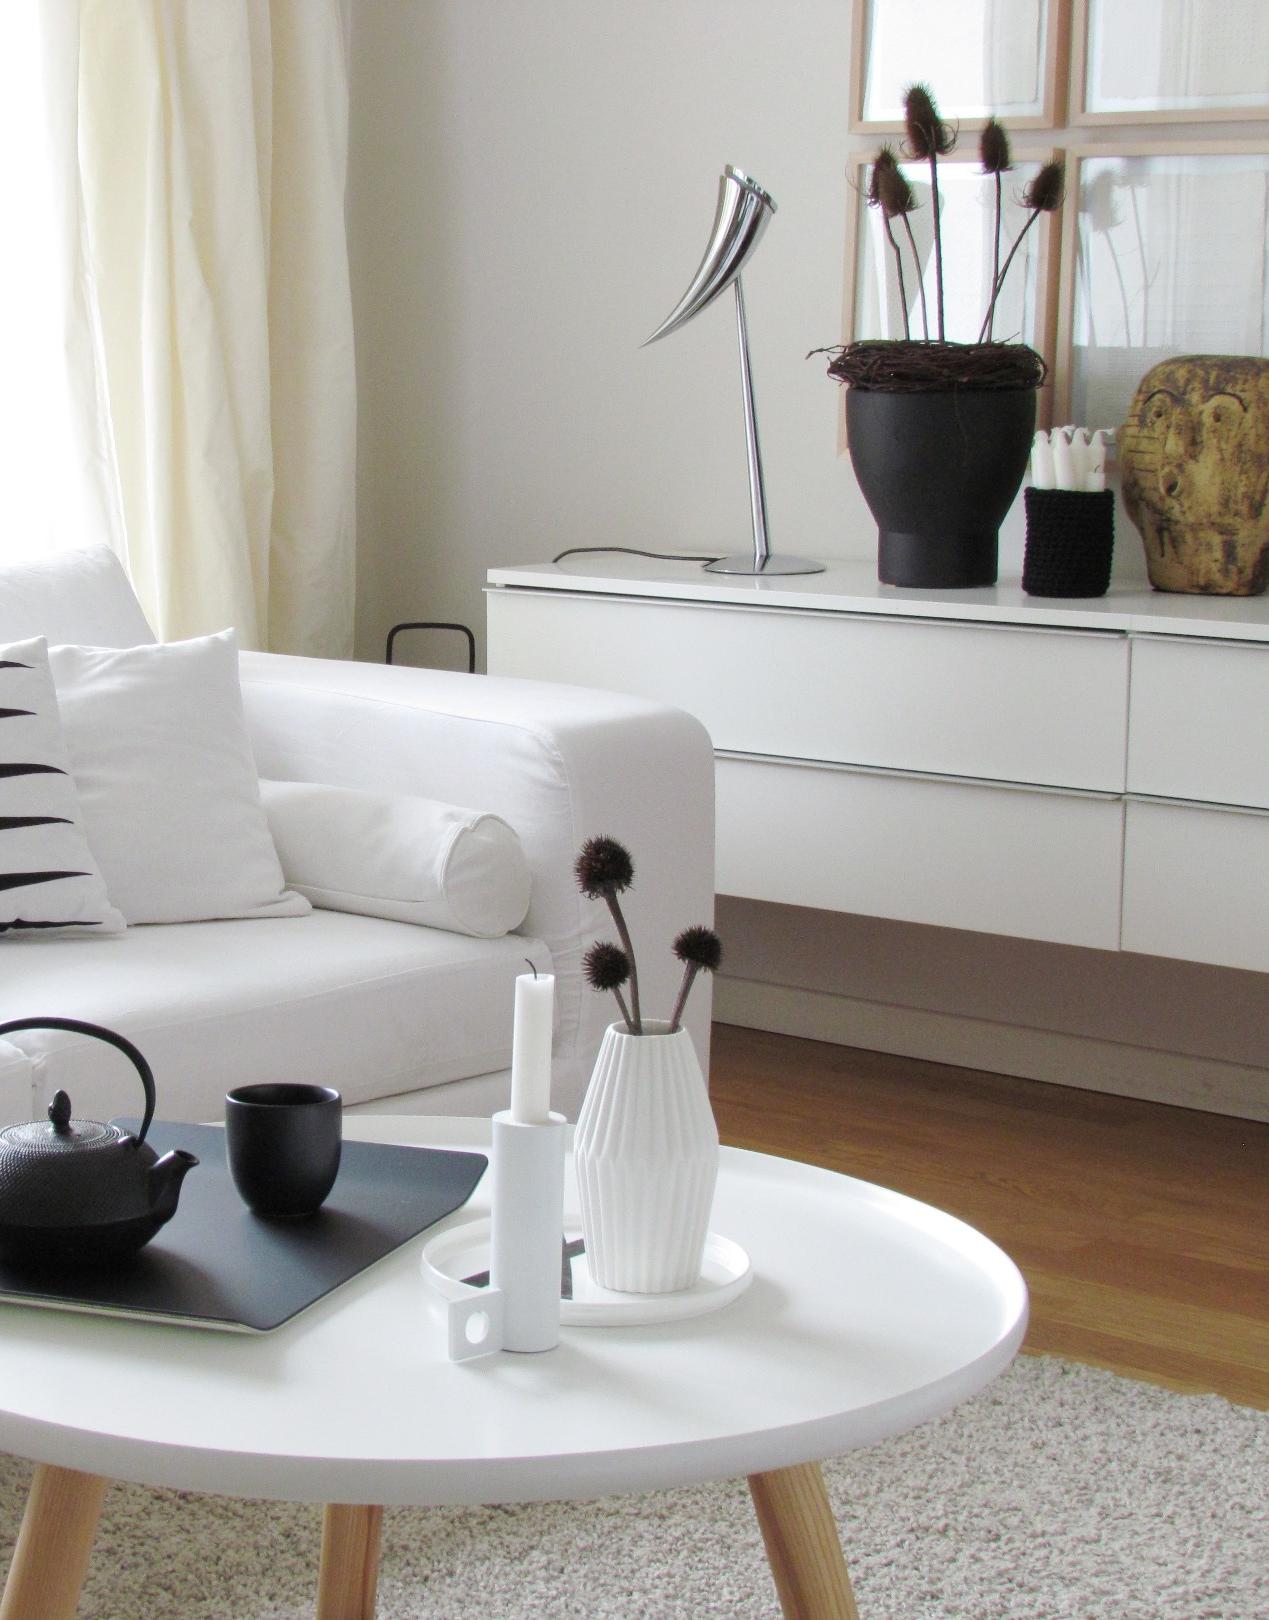 wohnen ist auch mein beruf zu besuch bei ich natalie in bruchsal. Black Bedroom Furniture Sets. Home Design Ideas